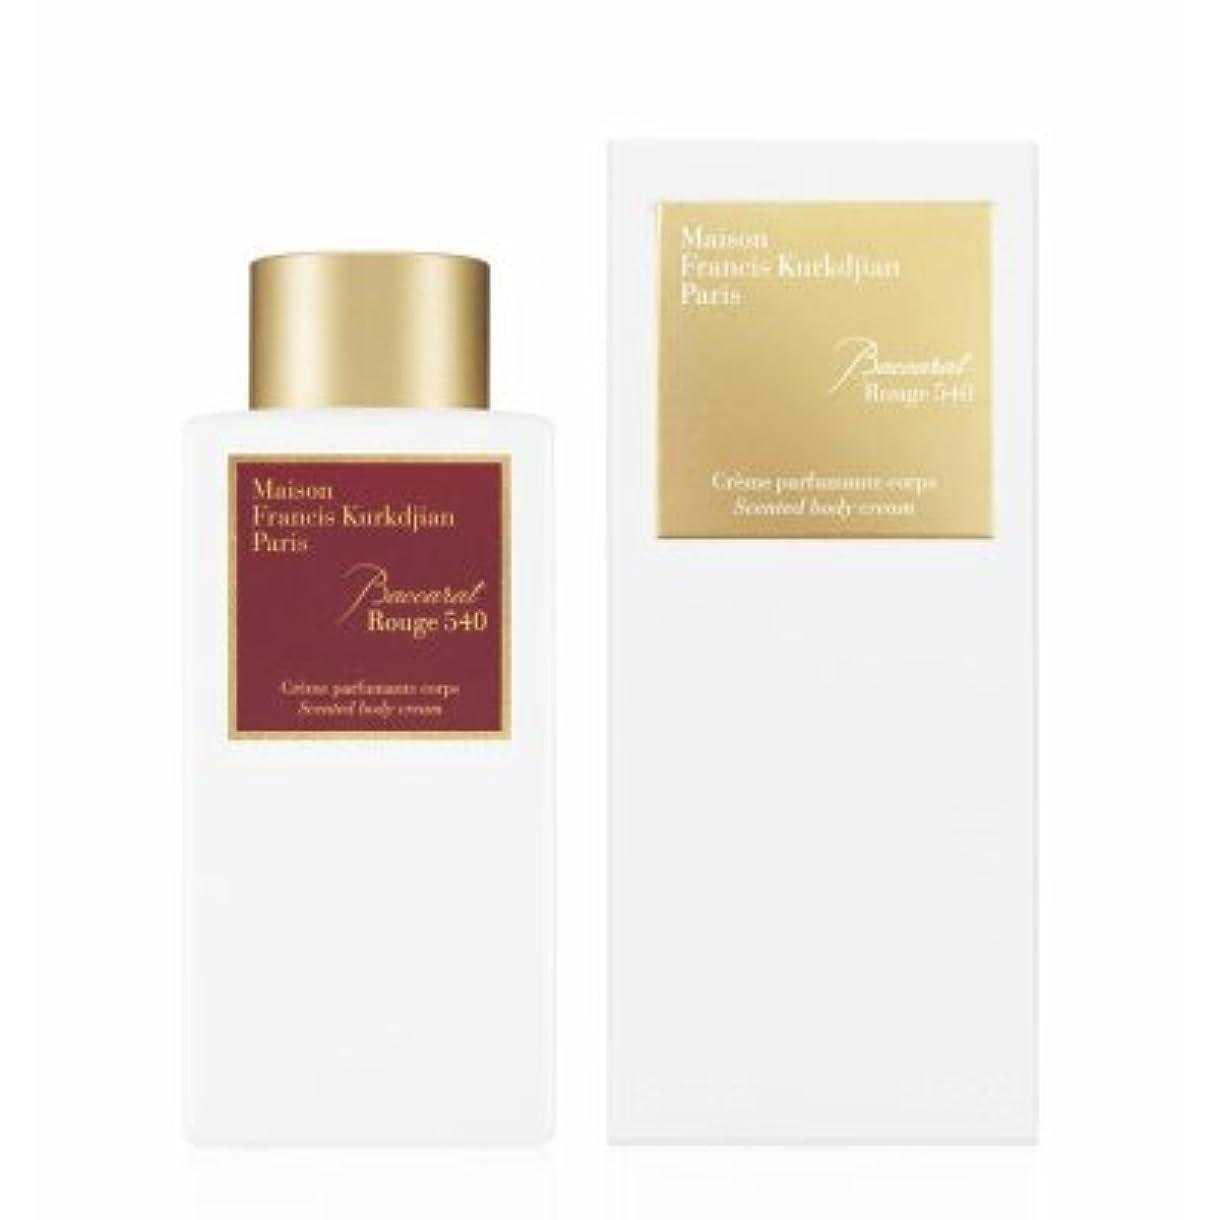 小麦いたずらな宗教メゾン フランシス クルジャン バカラ ルージュ 540 センテッド ボディクリーム 250ml(Maison Francis Kurkdjian Baccarat Rouge 540 Scented Body Cream...